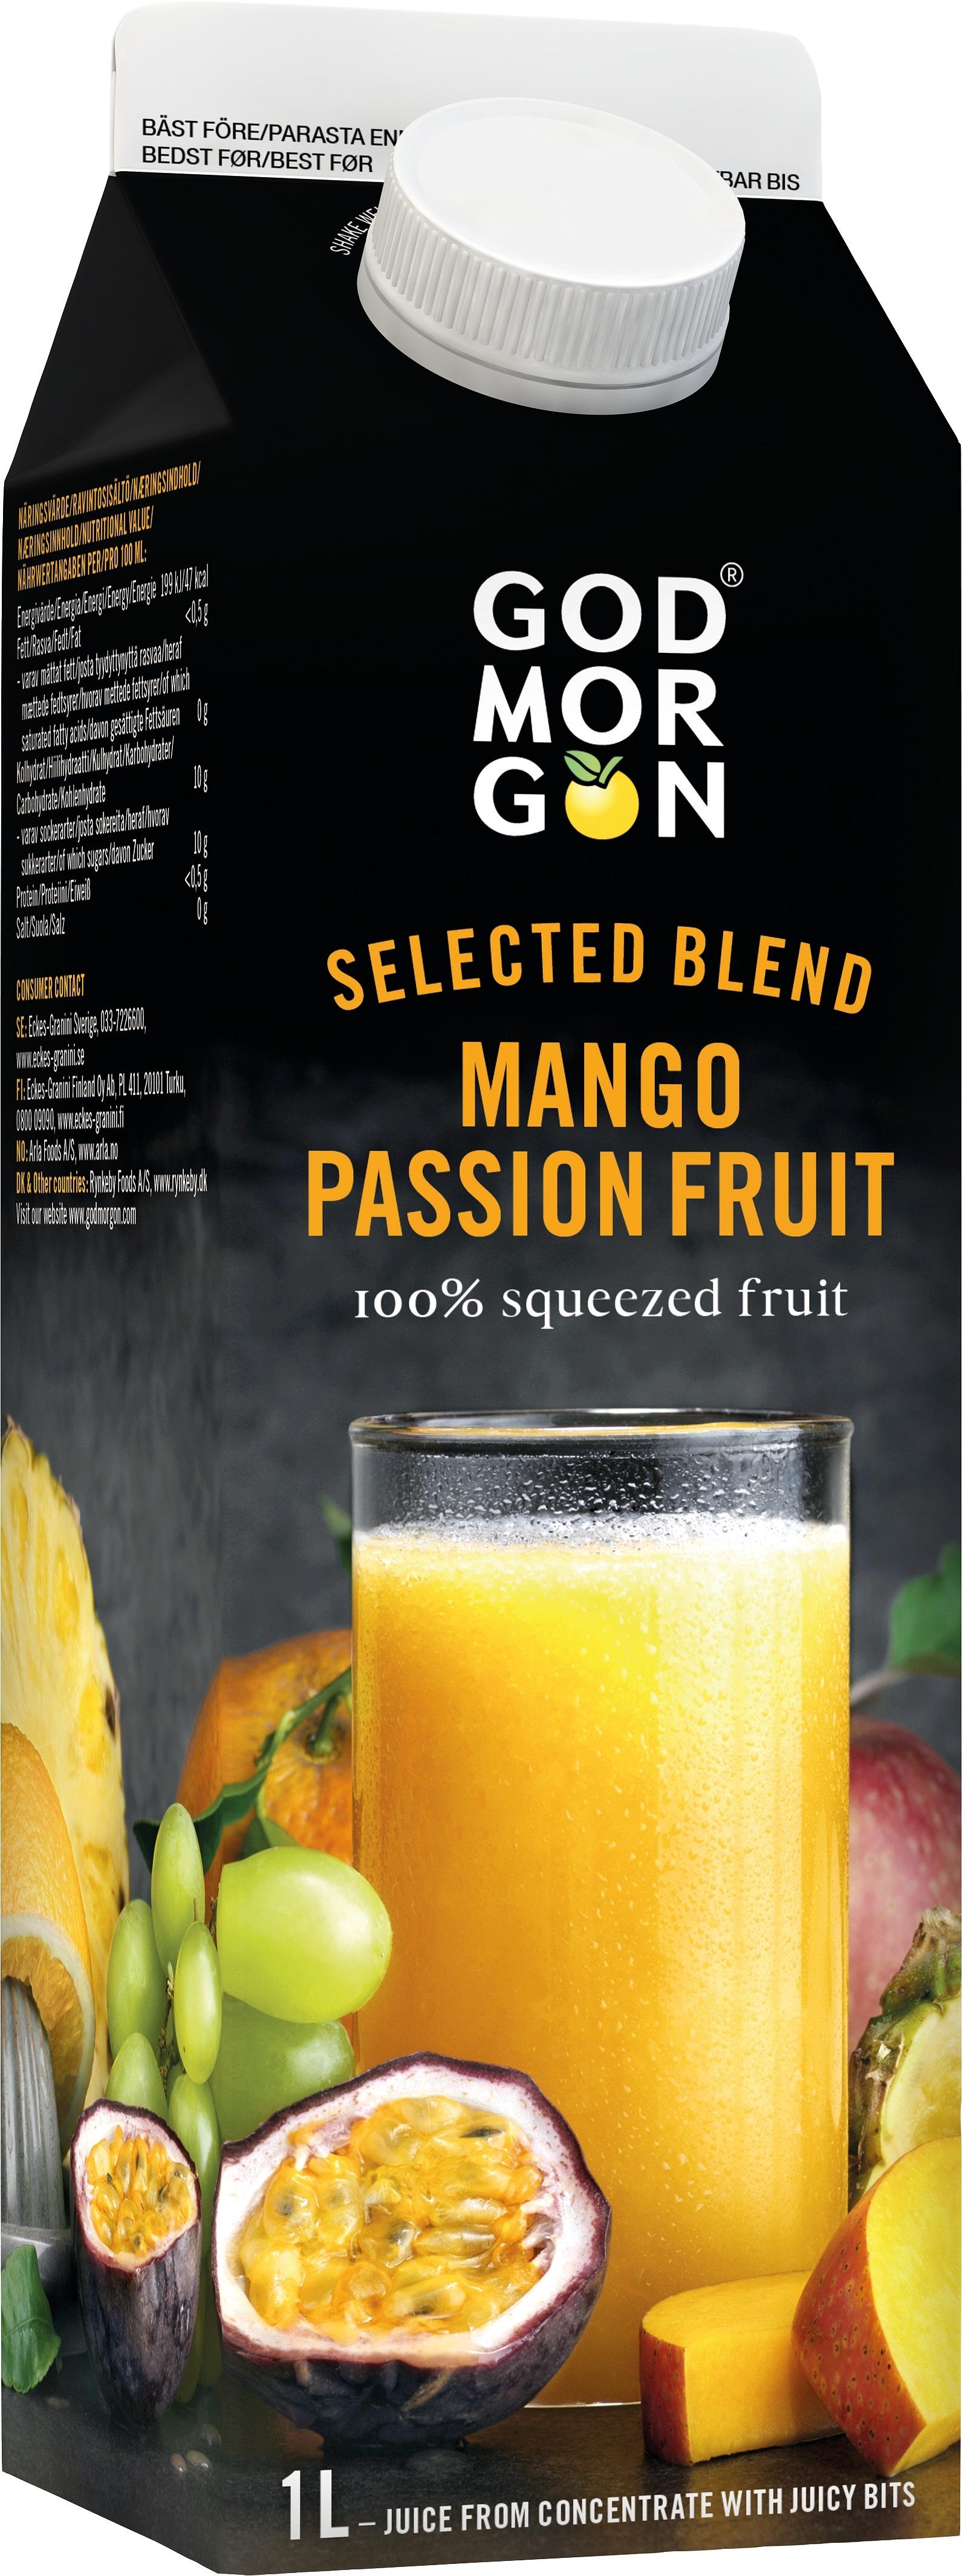 Mango Passion Fruit